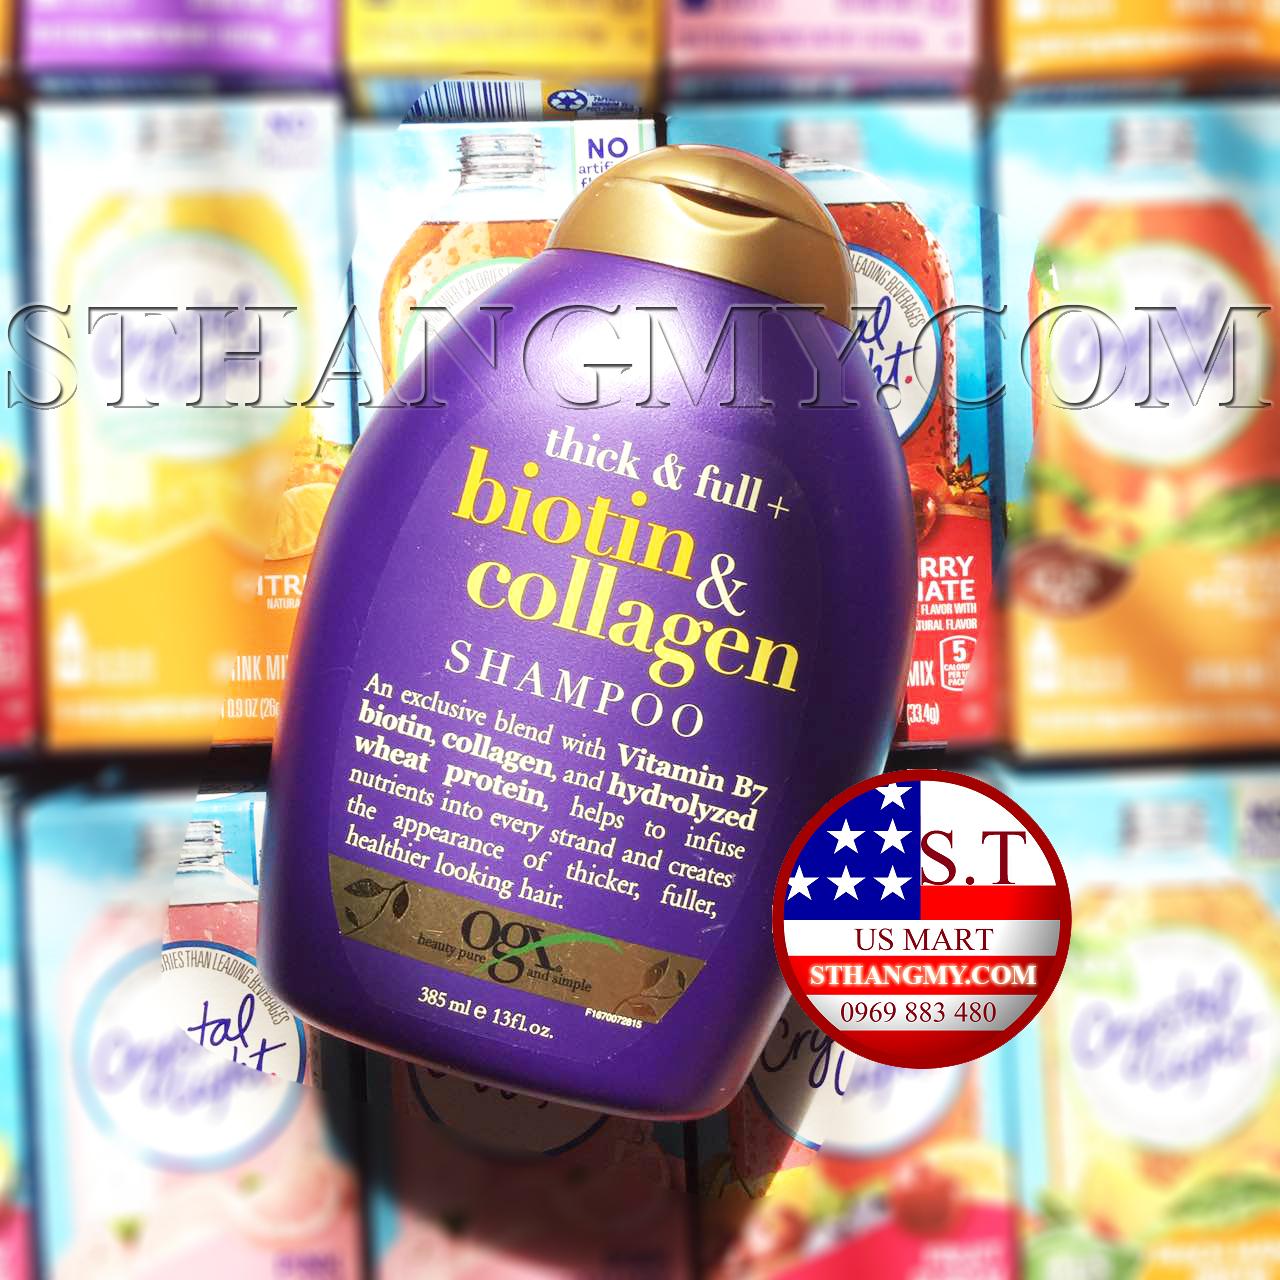 Dầu Gội Làm Dày Tóc OGX Thick & Full Biotin & Collagen Shampoo- 385ml